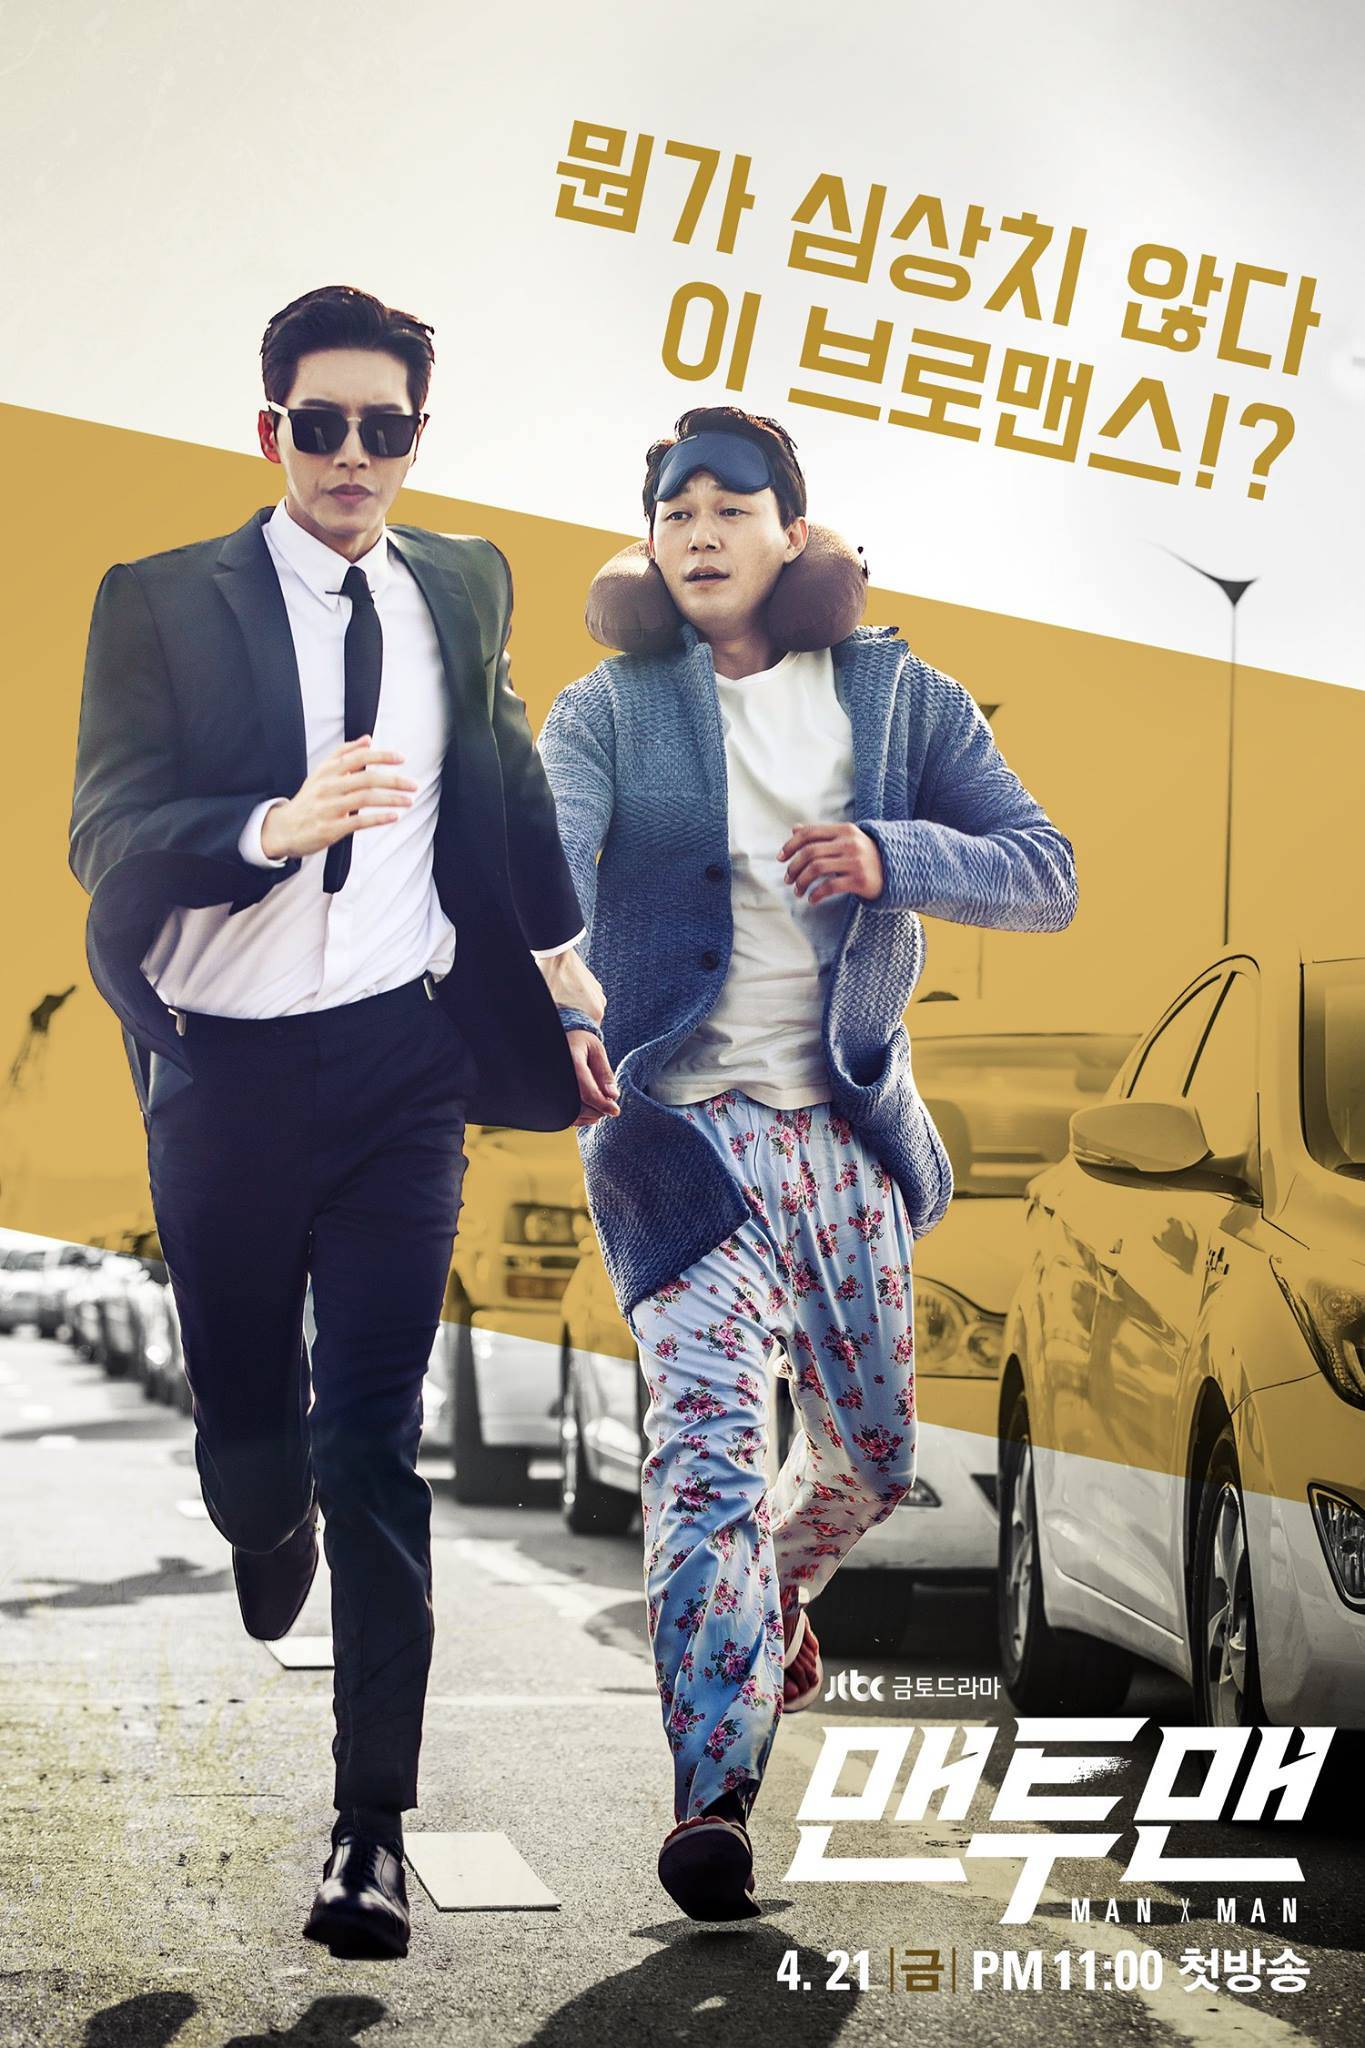 Imagini pentru Man to Man poster drama